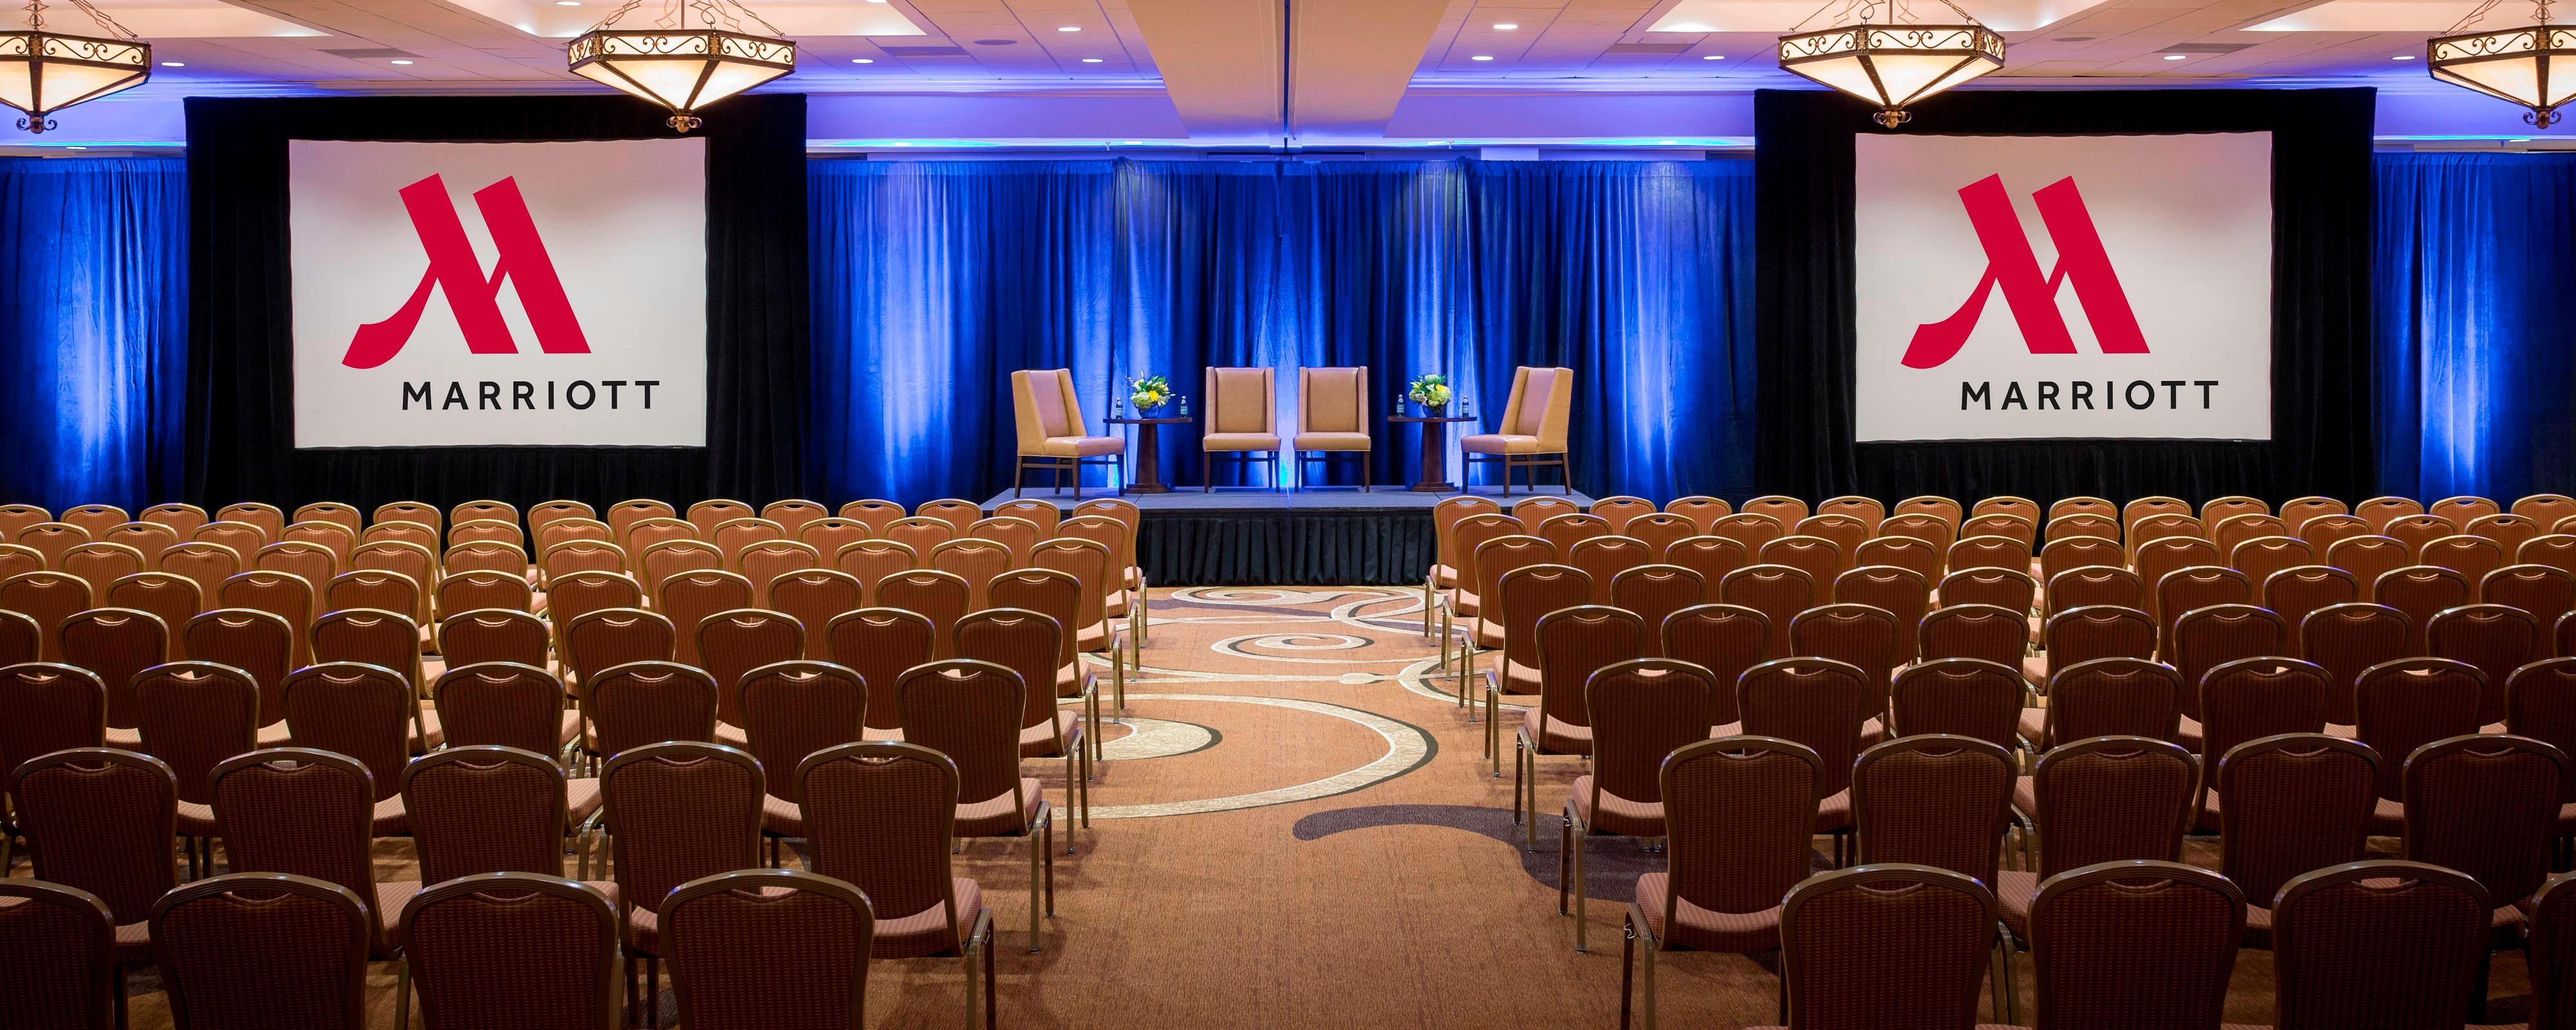 Hotel Conference Rooms San Antonio, TX | San Antonio ... - photo #25